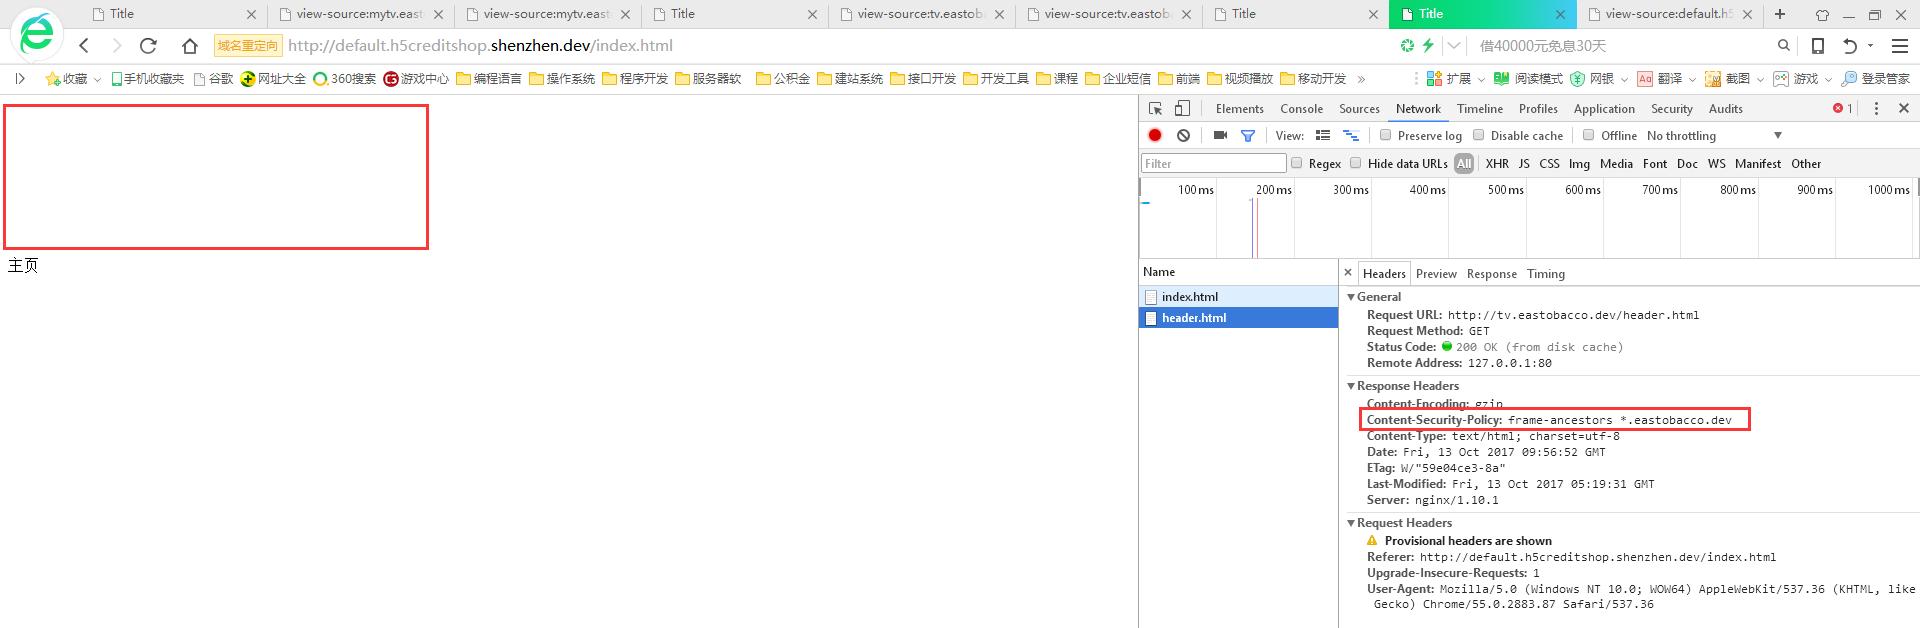 在另一个顶级域名中包含tv下的header.html,发现header.html无法展示,符合预期